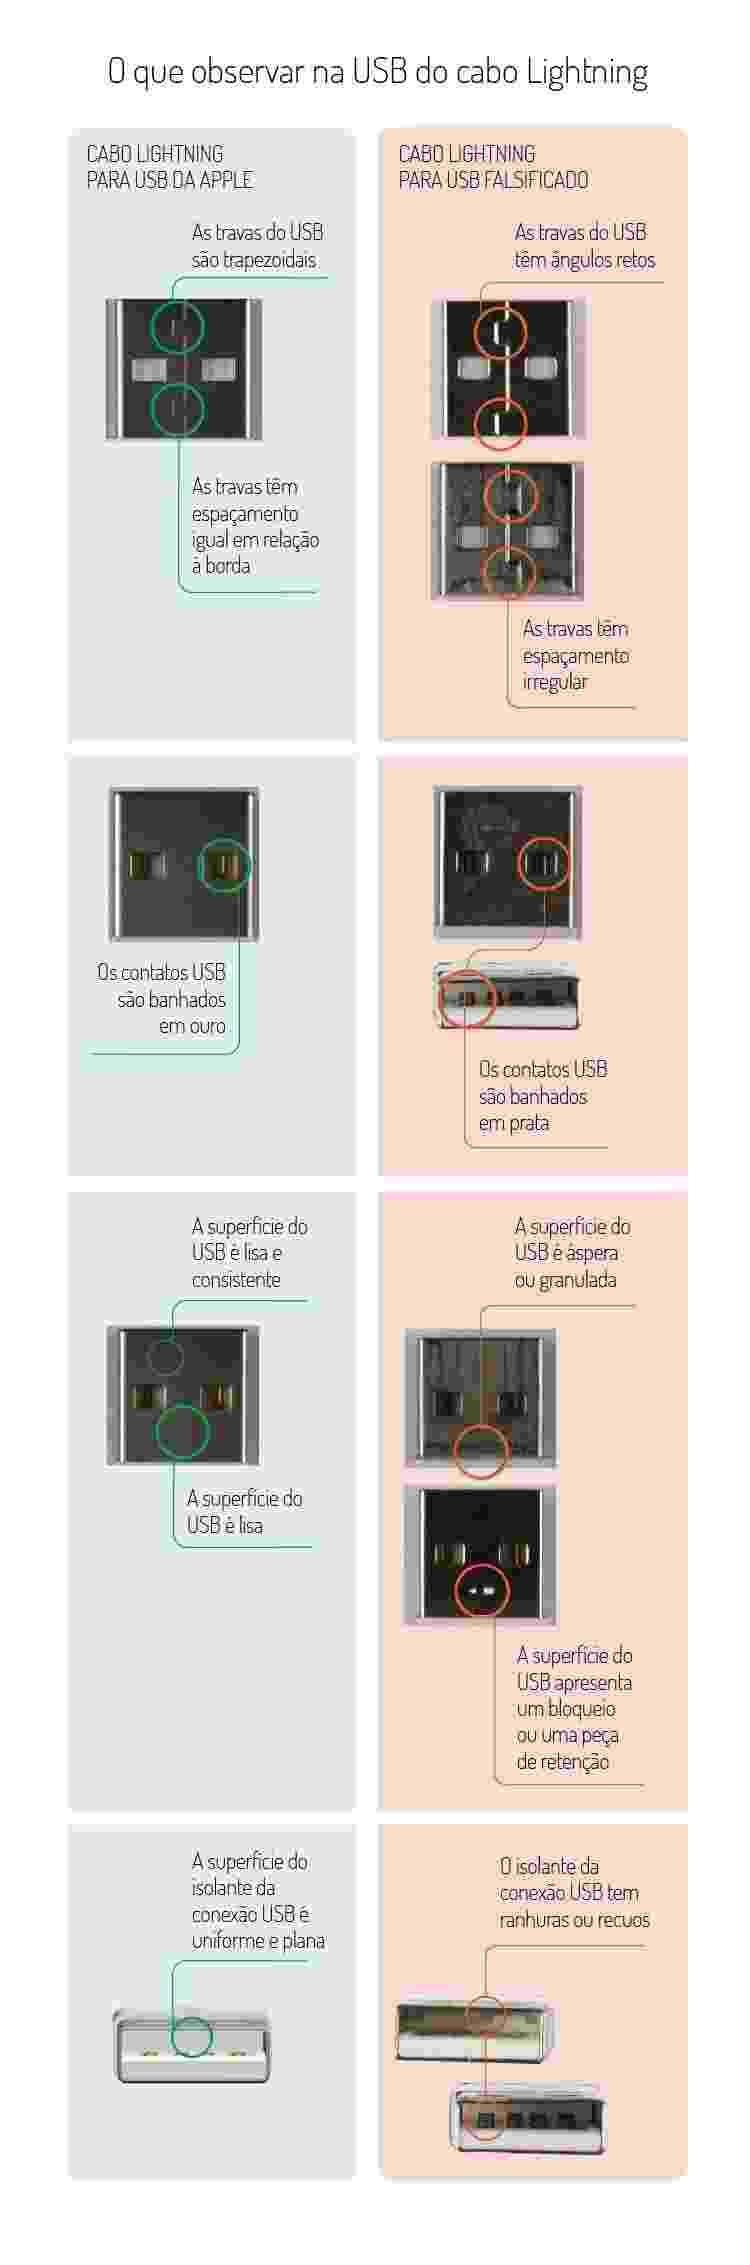 O que observar no USB para Lightning - Arte/UOL - Arte/UOL